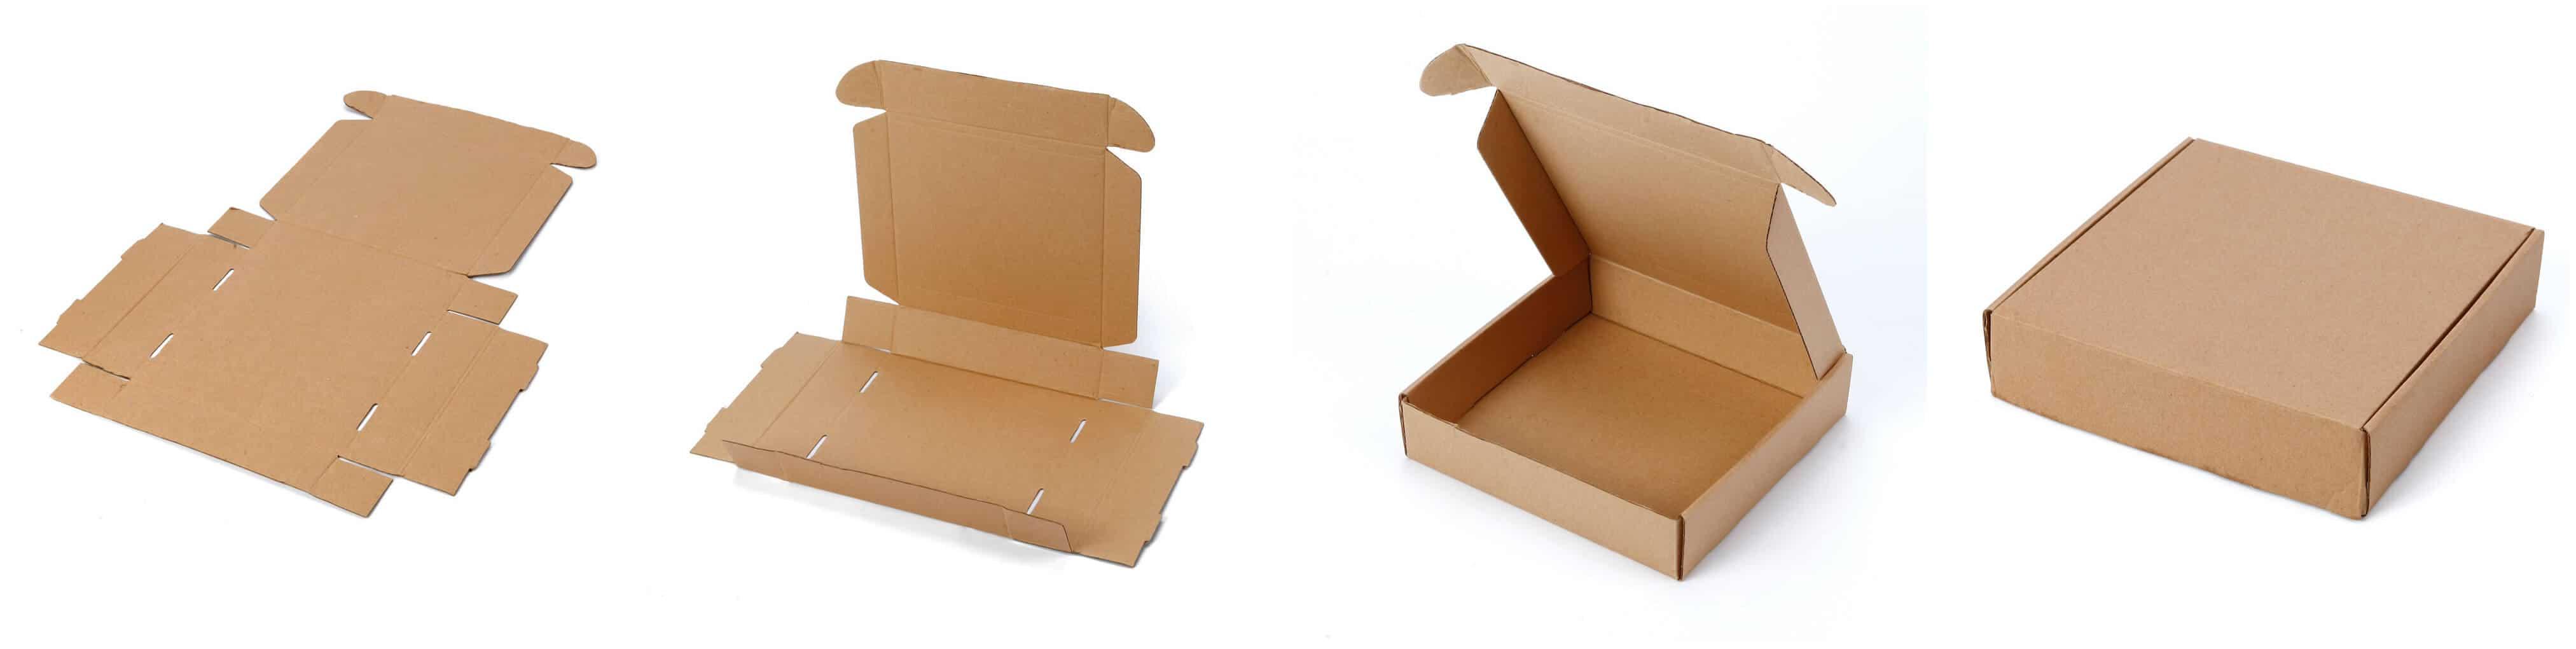 Quality-Custom-Printed-Boxes-b